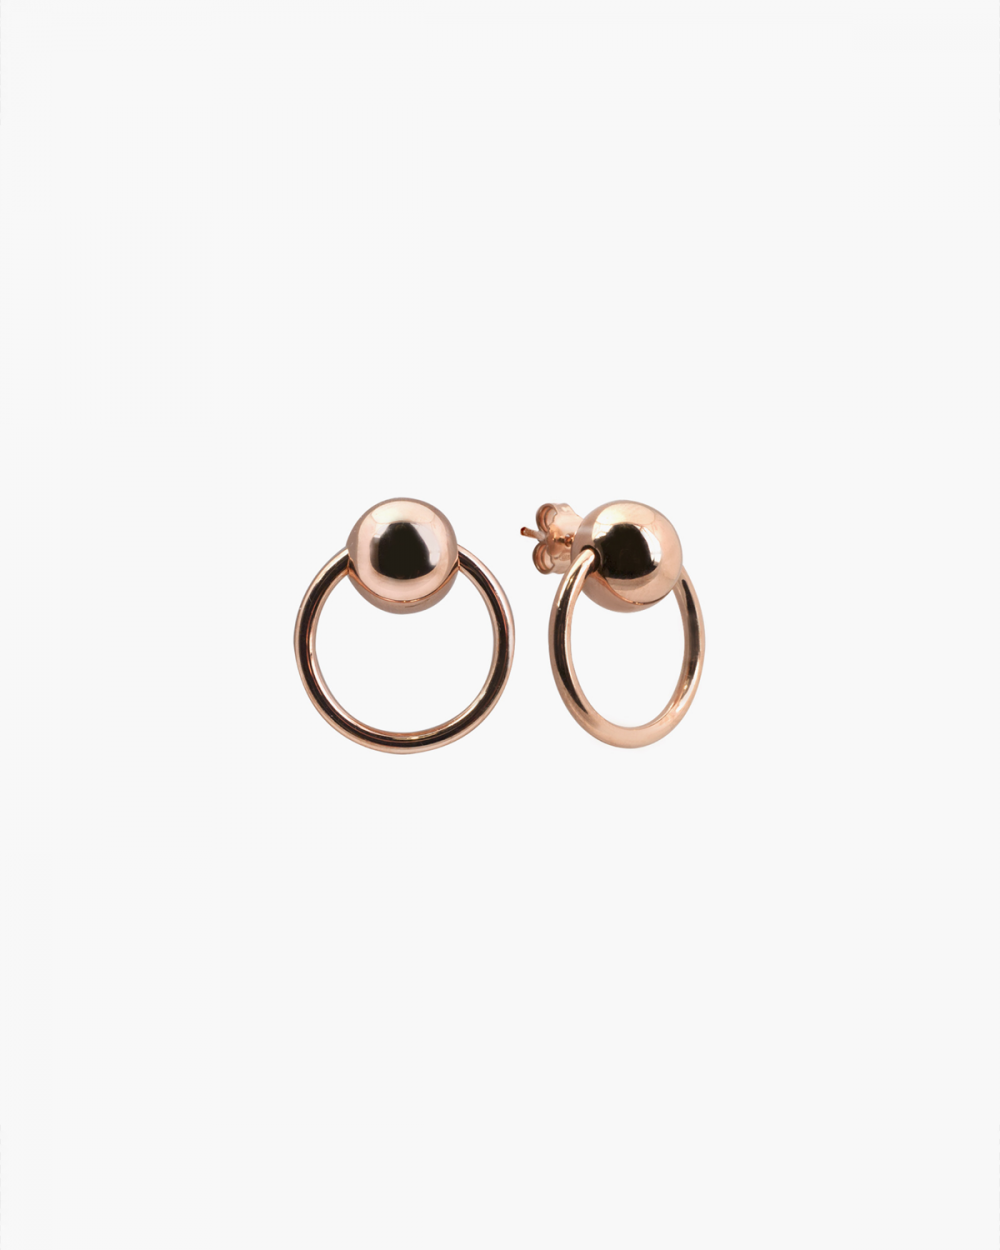 Earrings PINK GOLD SPHERES & CIRCLES PIERCING PAIR EARRINGS NOVE25